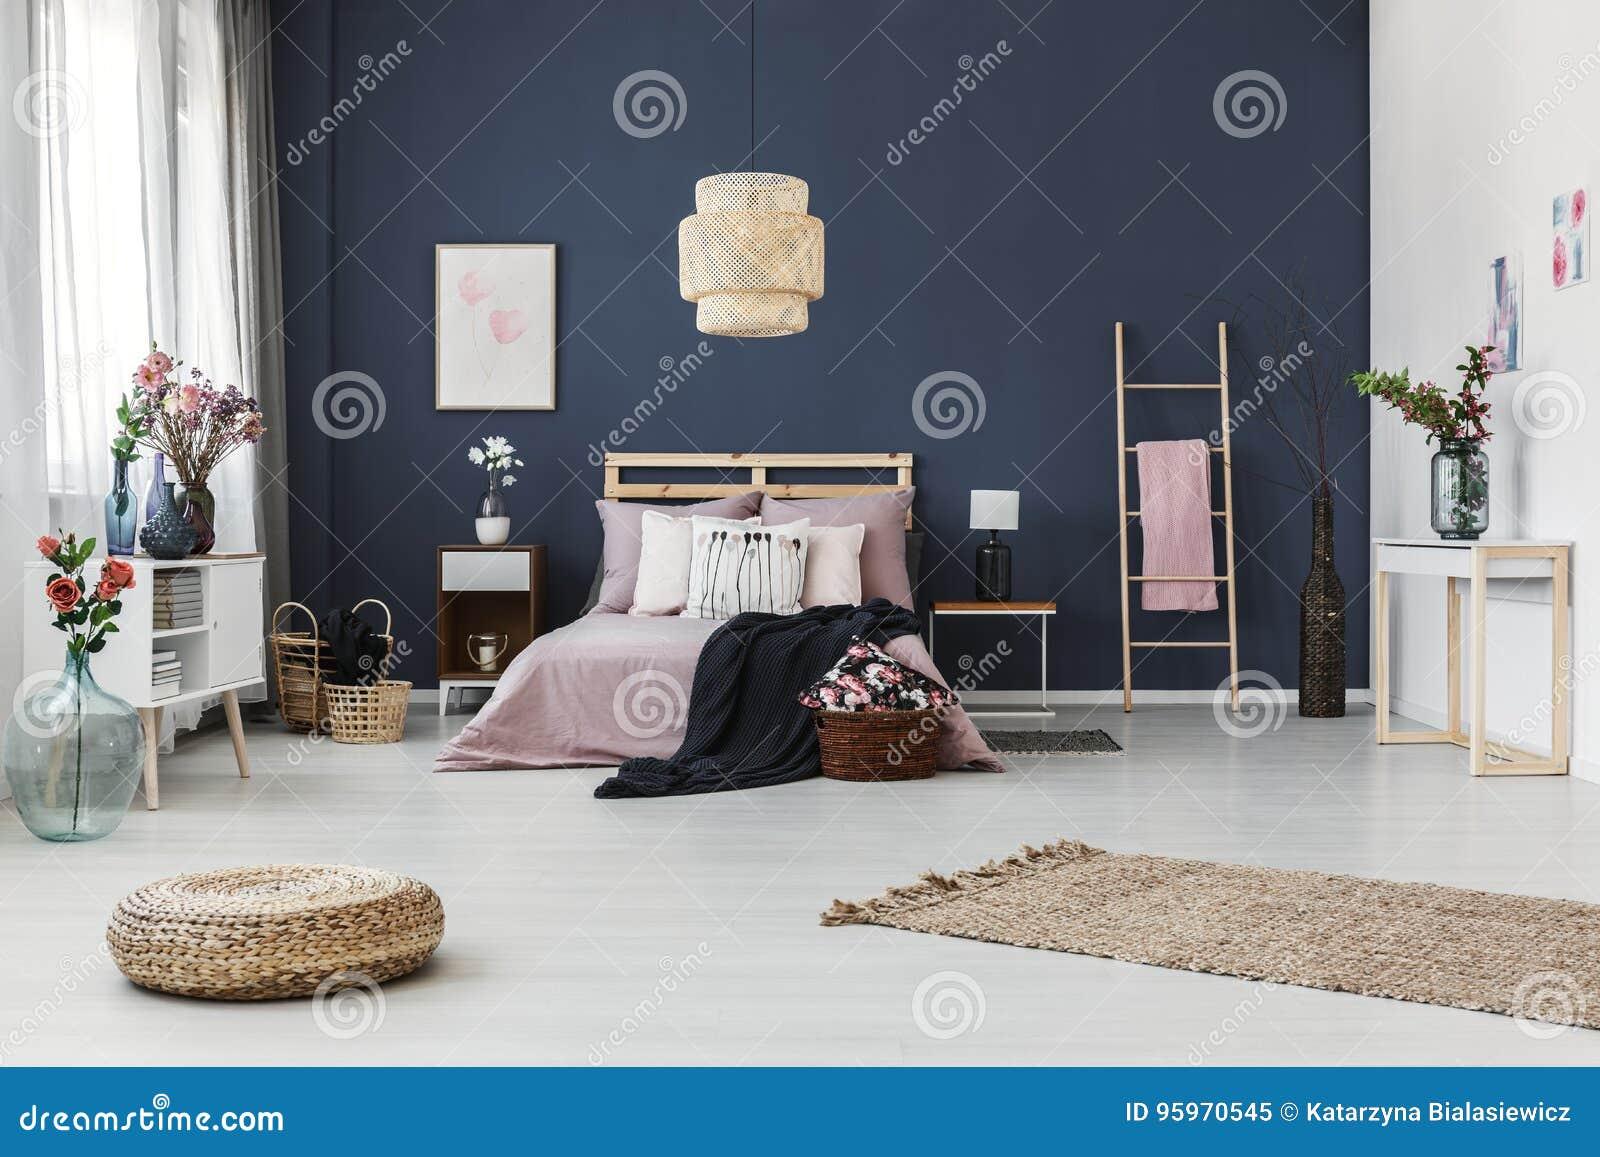 Dunkelblaue Wand Im Schlafzimmer Stockbild - Bild von ...